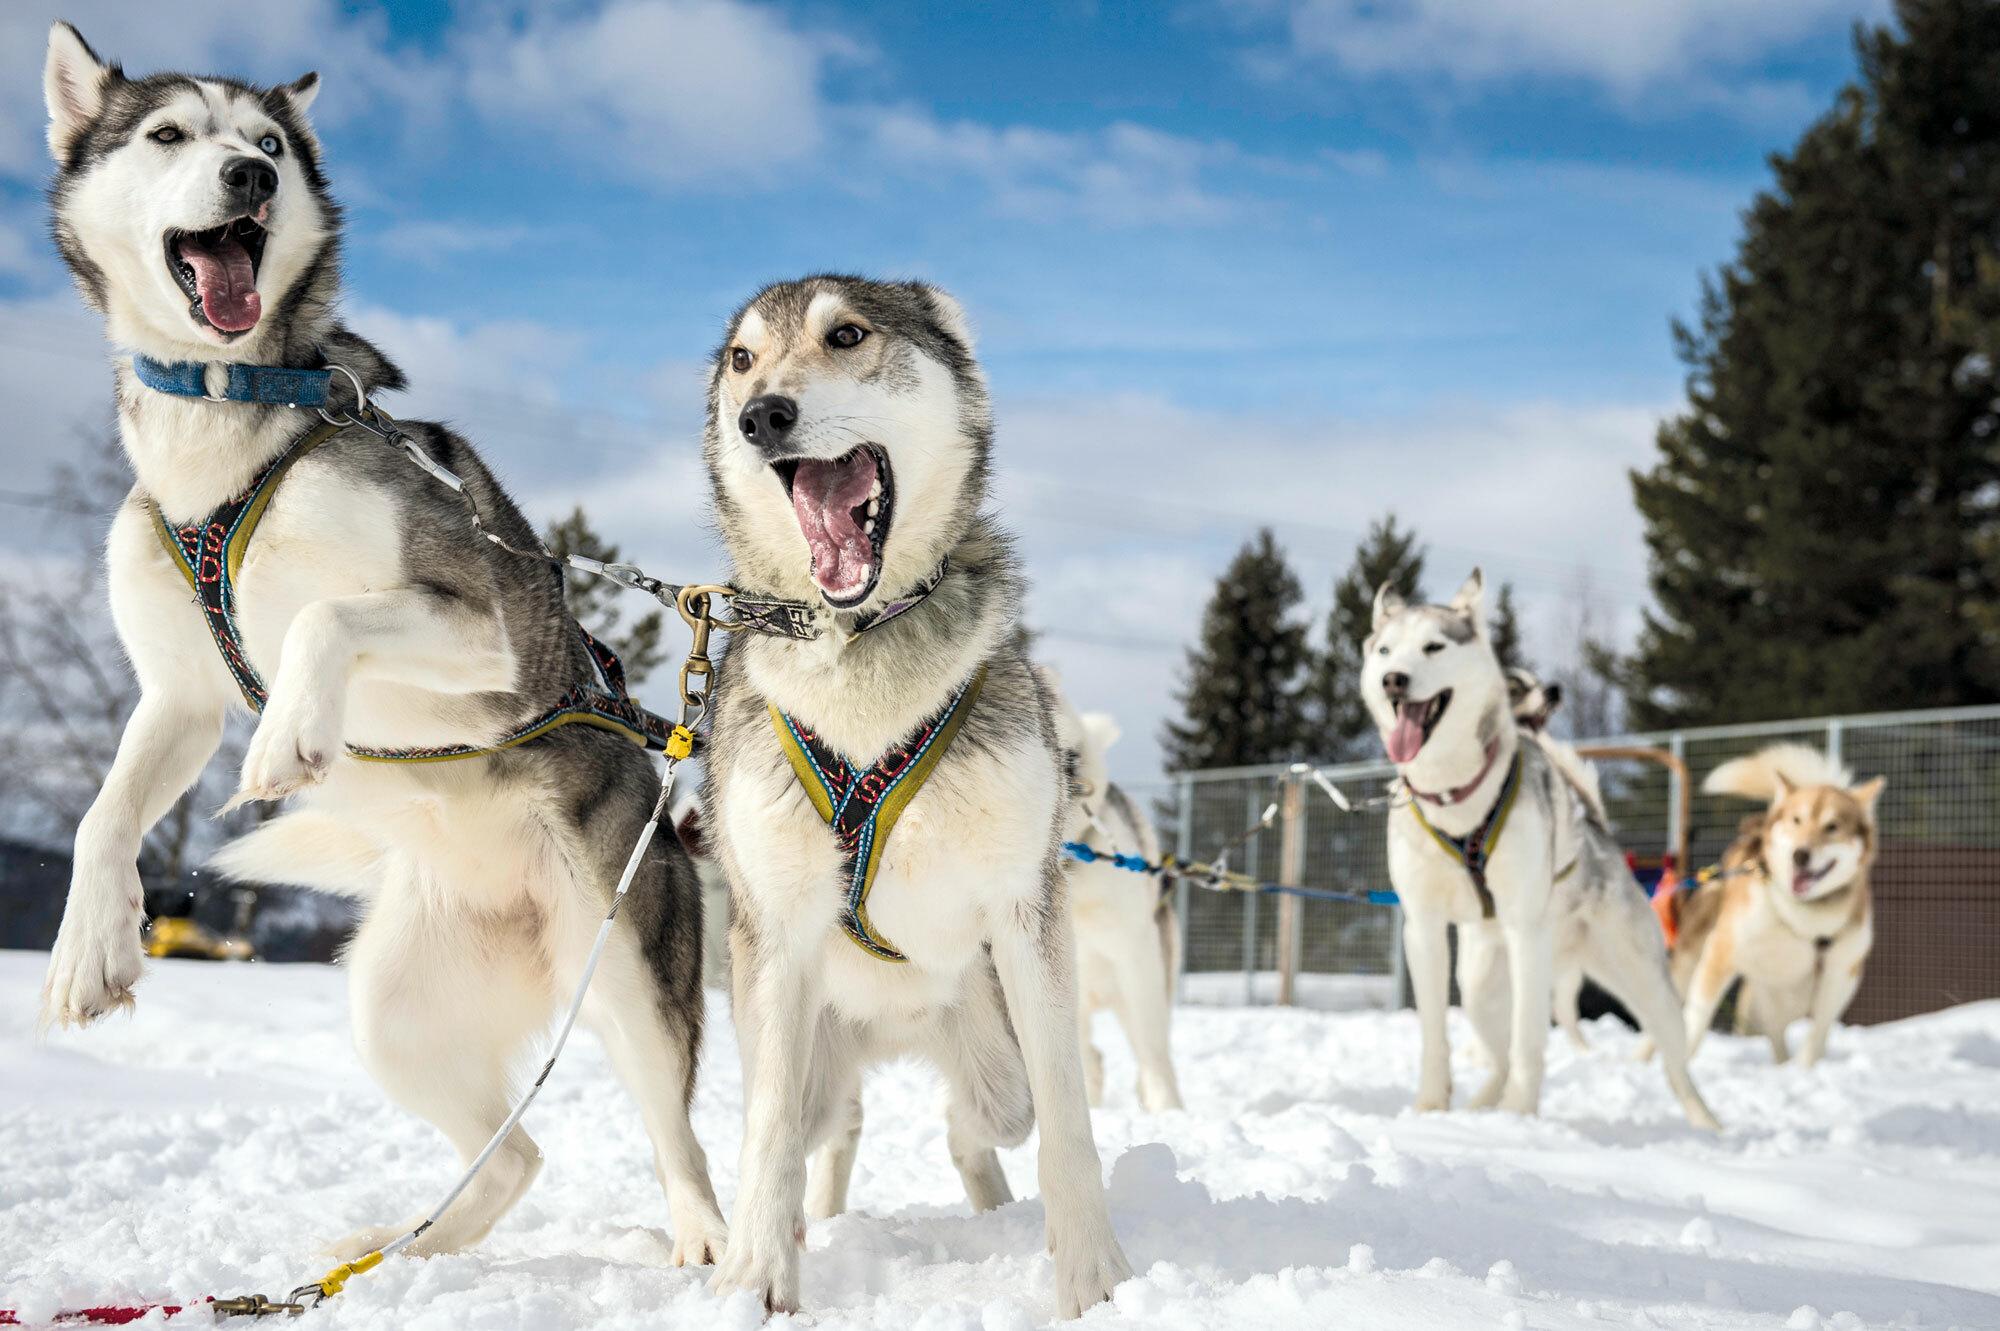 Die wollen bloss laufen! – Hundeschlitten Abenteuer in Lappland